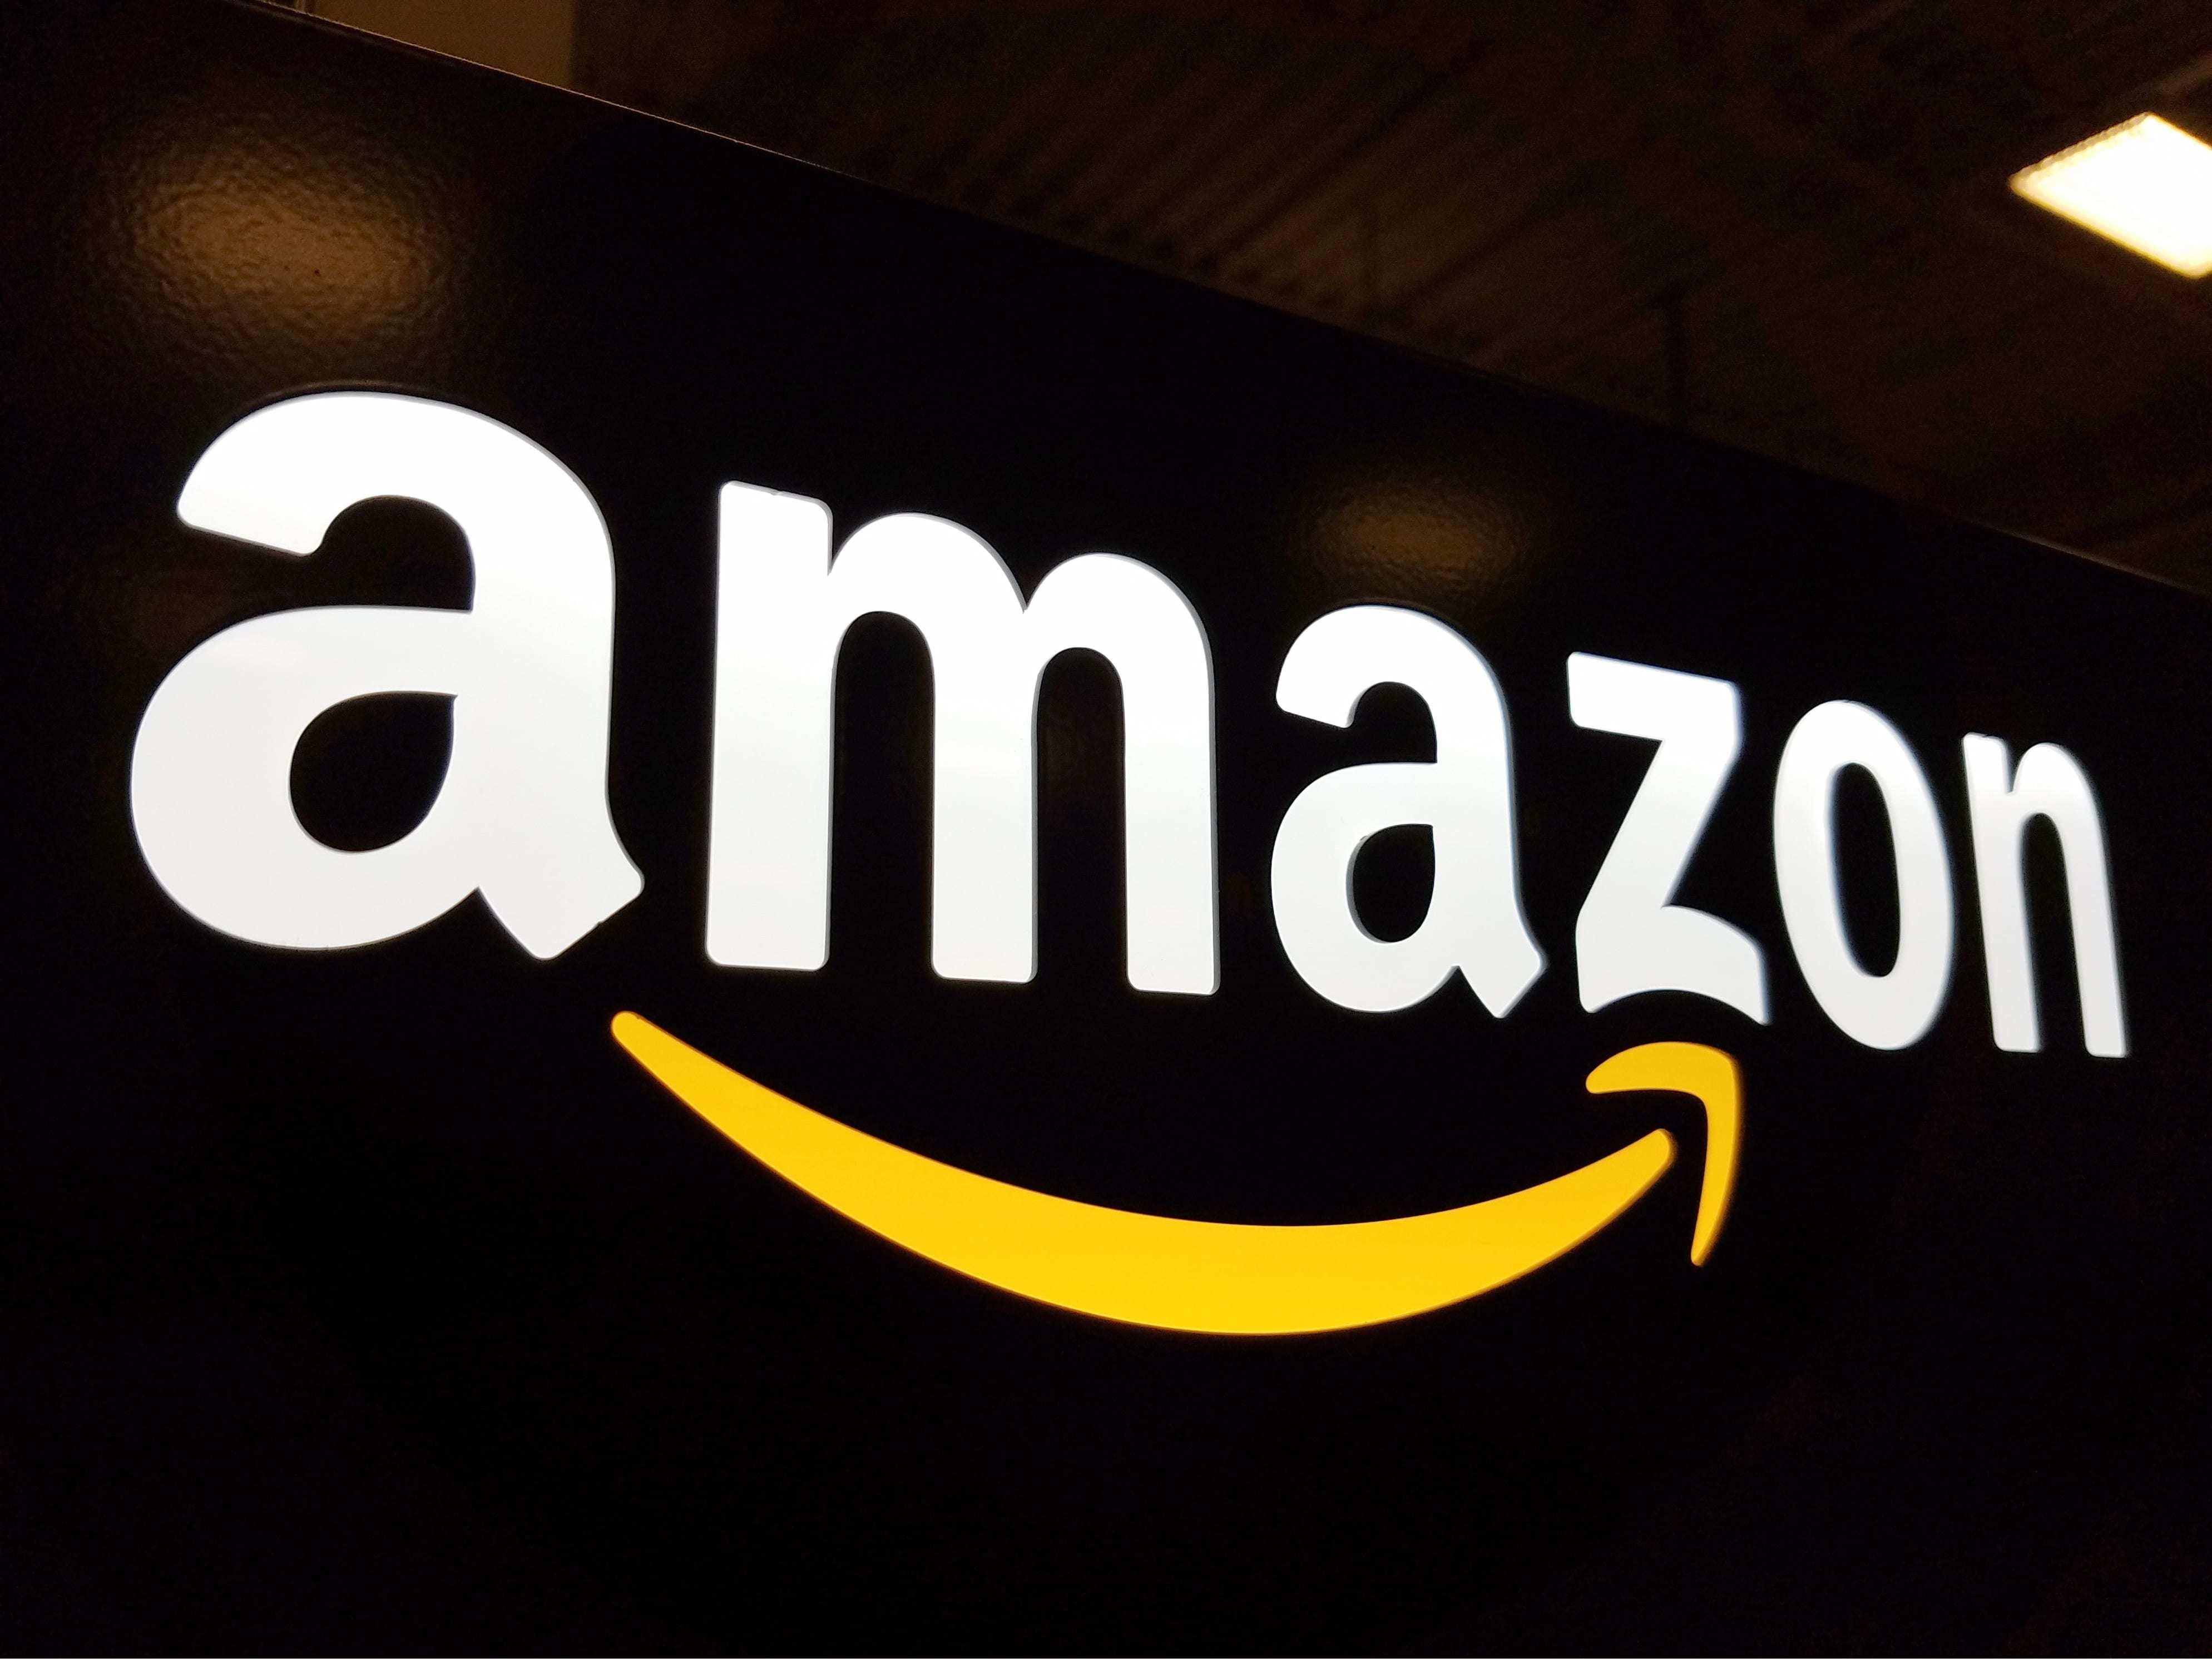 Veniturile şi profitul Amazon au depăşit estimările în primul trimestru; acţiunile companiei au urcat cu 4%